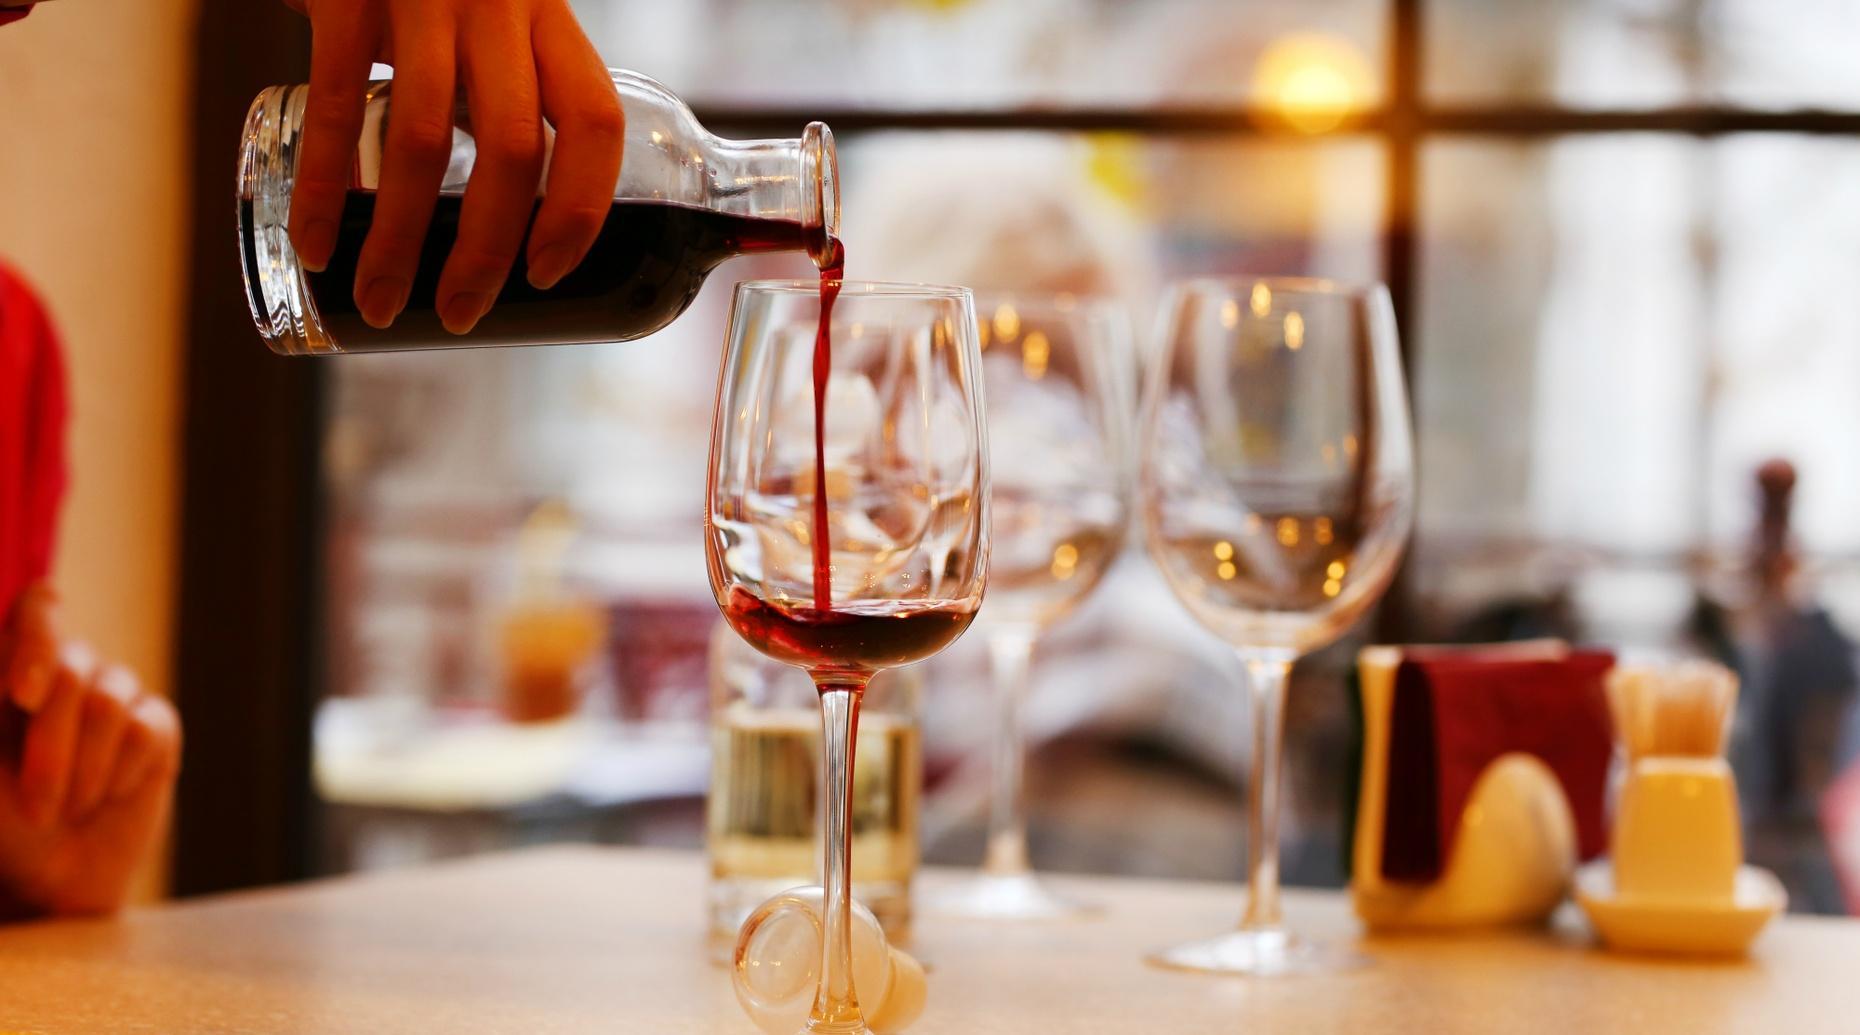 Beyond Bordeaux Bargain French Wine Tasting in Philadelphia